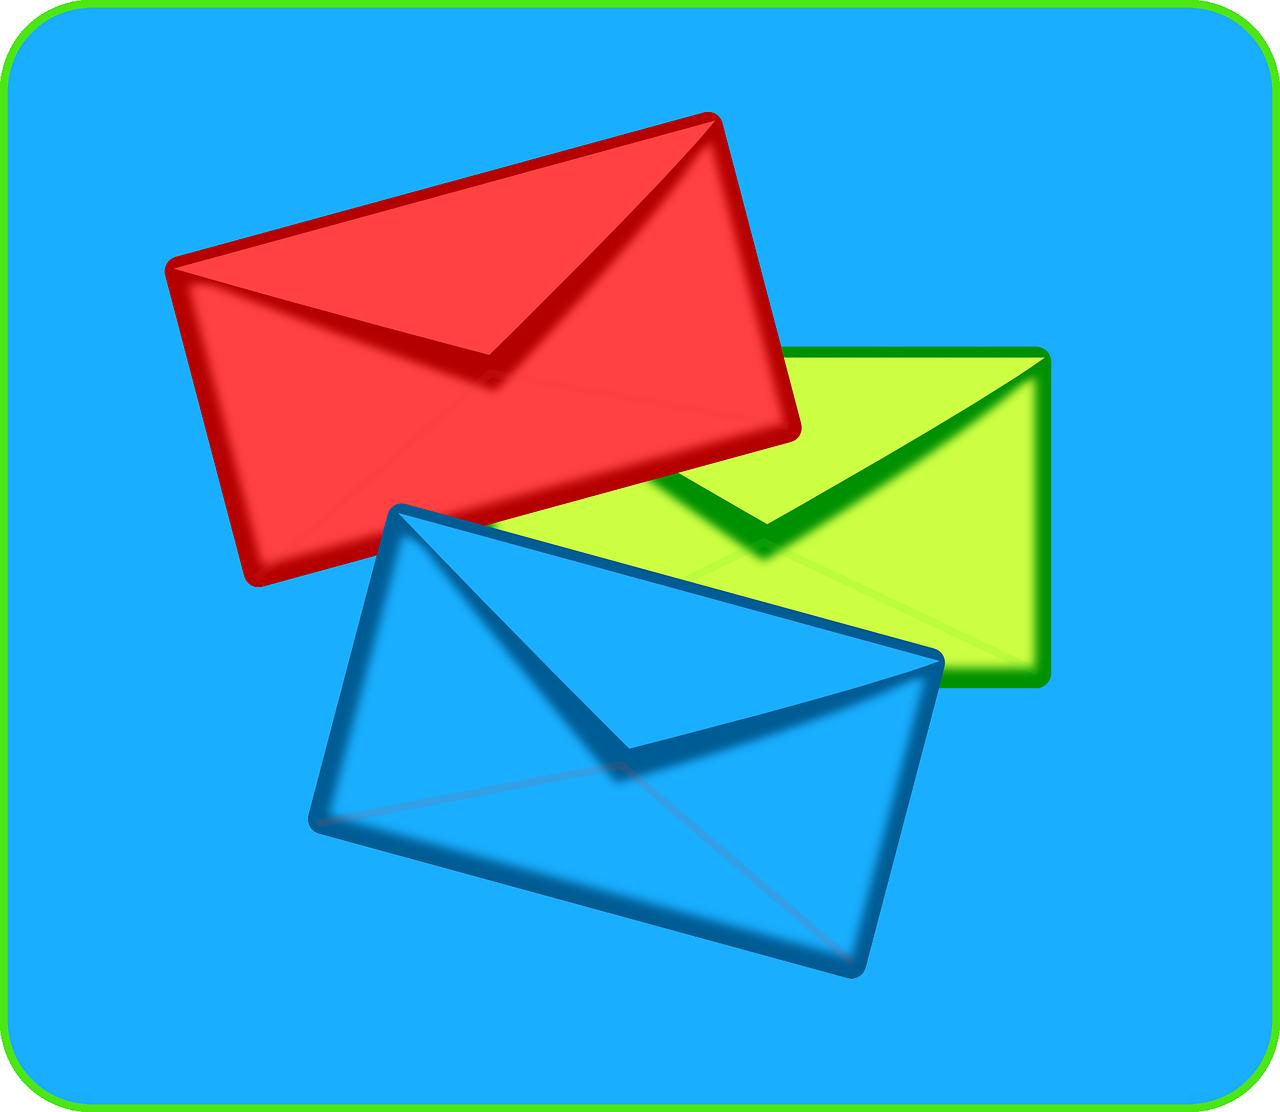 時間外のメールを禁止する!?本当にやるならその前に考えたほうが良いこと。